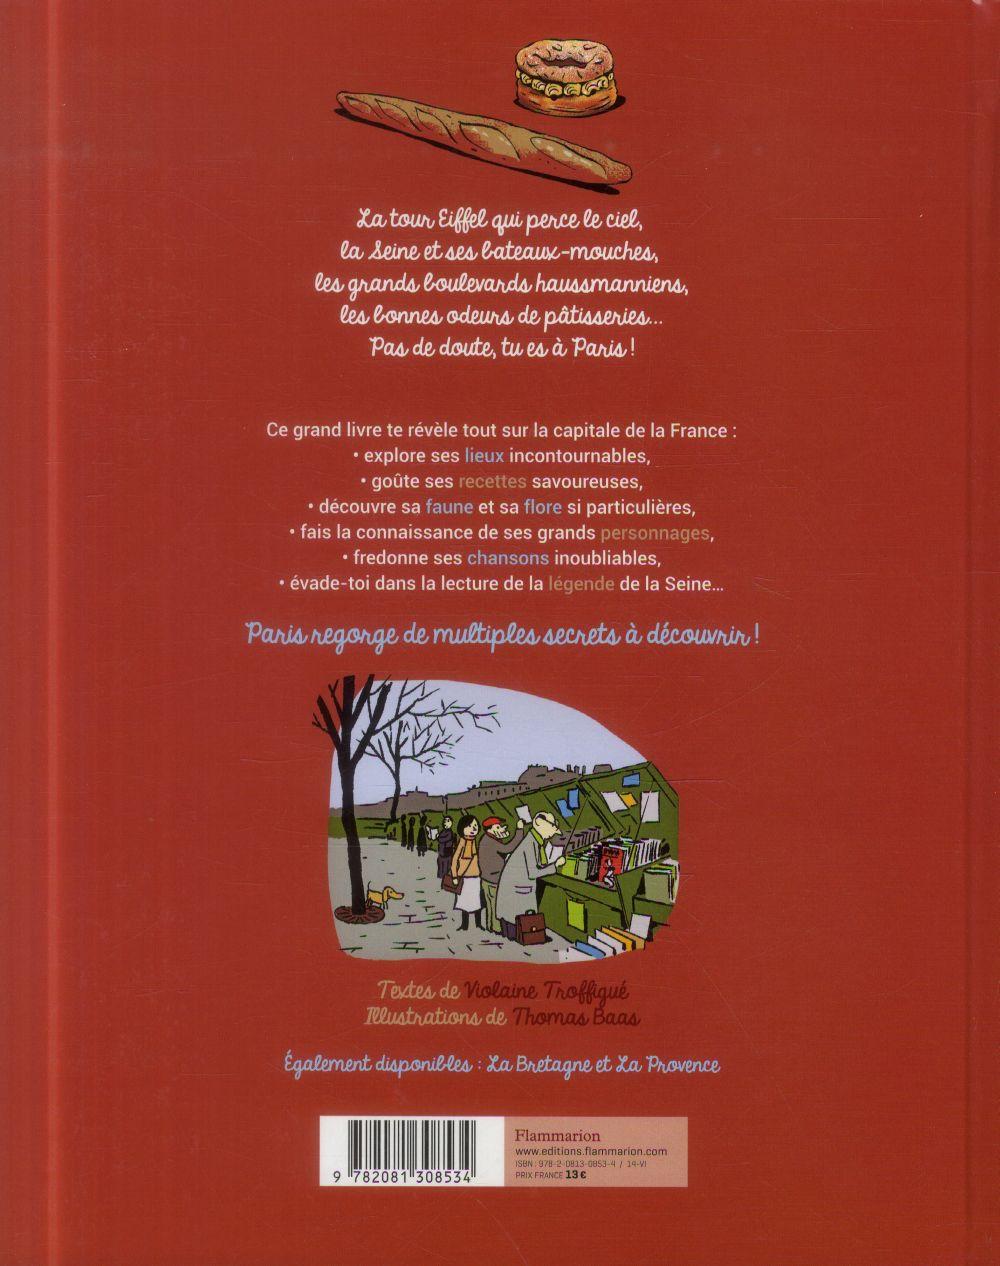 Le grand livre des régions ; Paris et ses contes, ses visites, ses recettes...